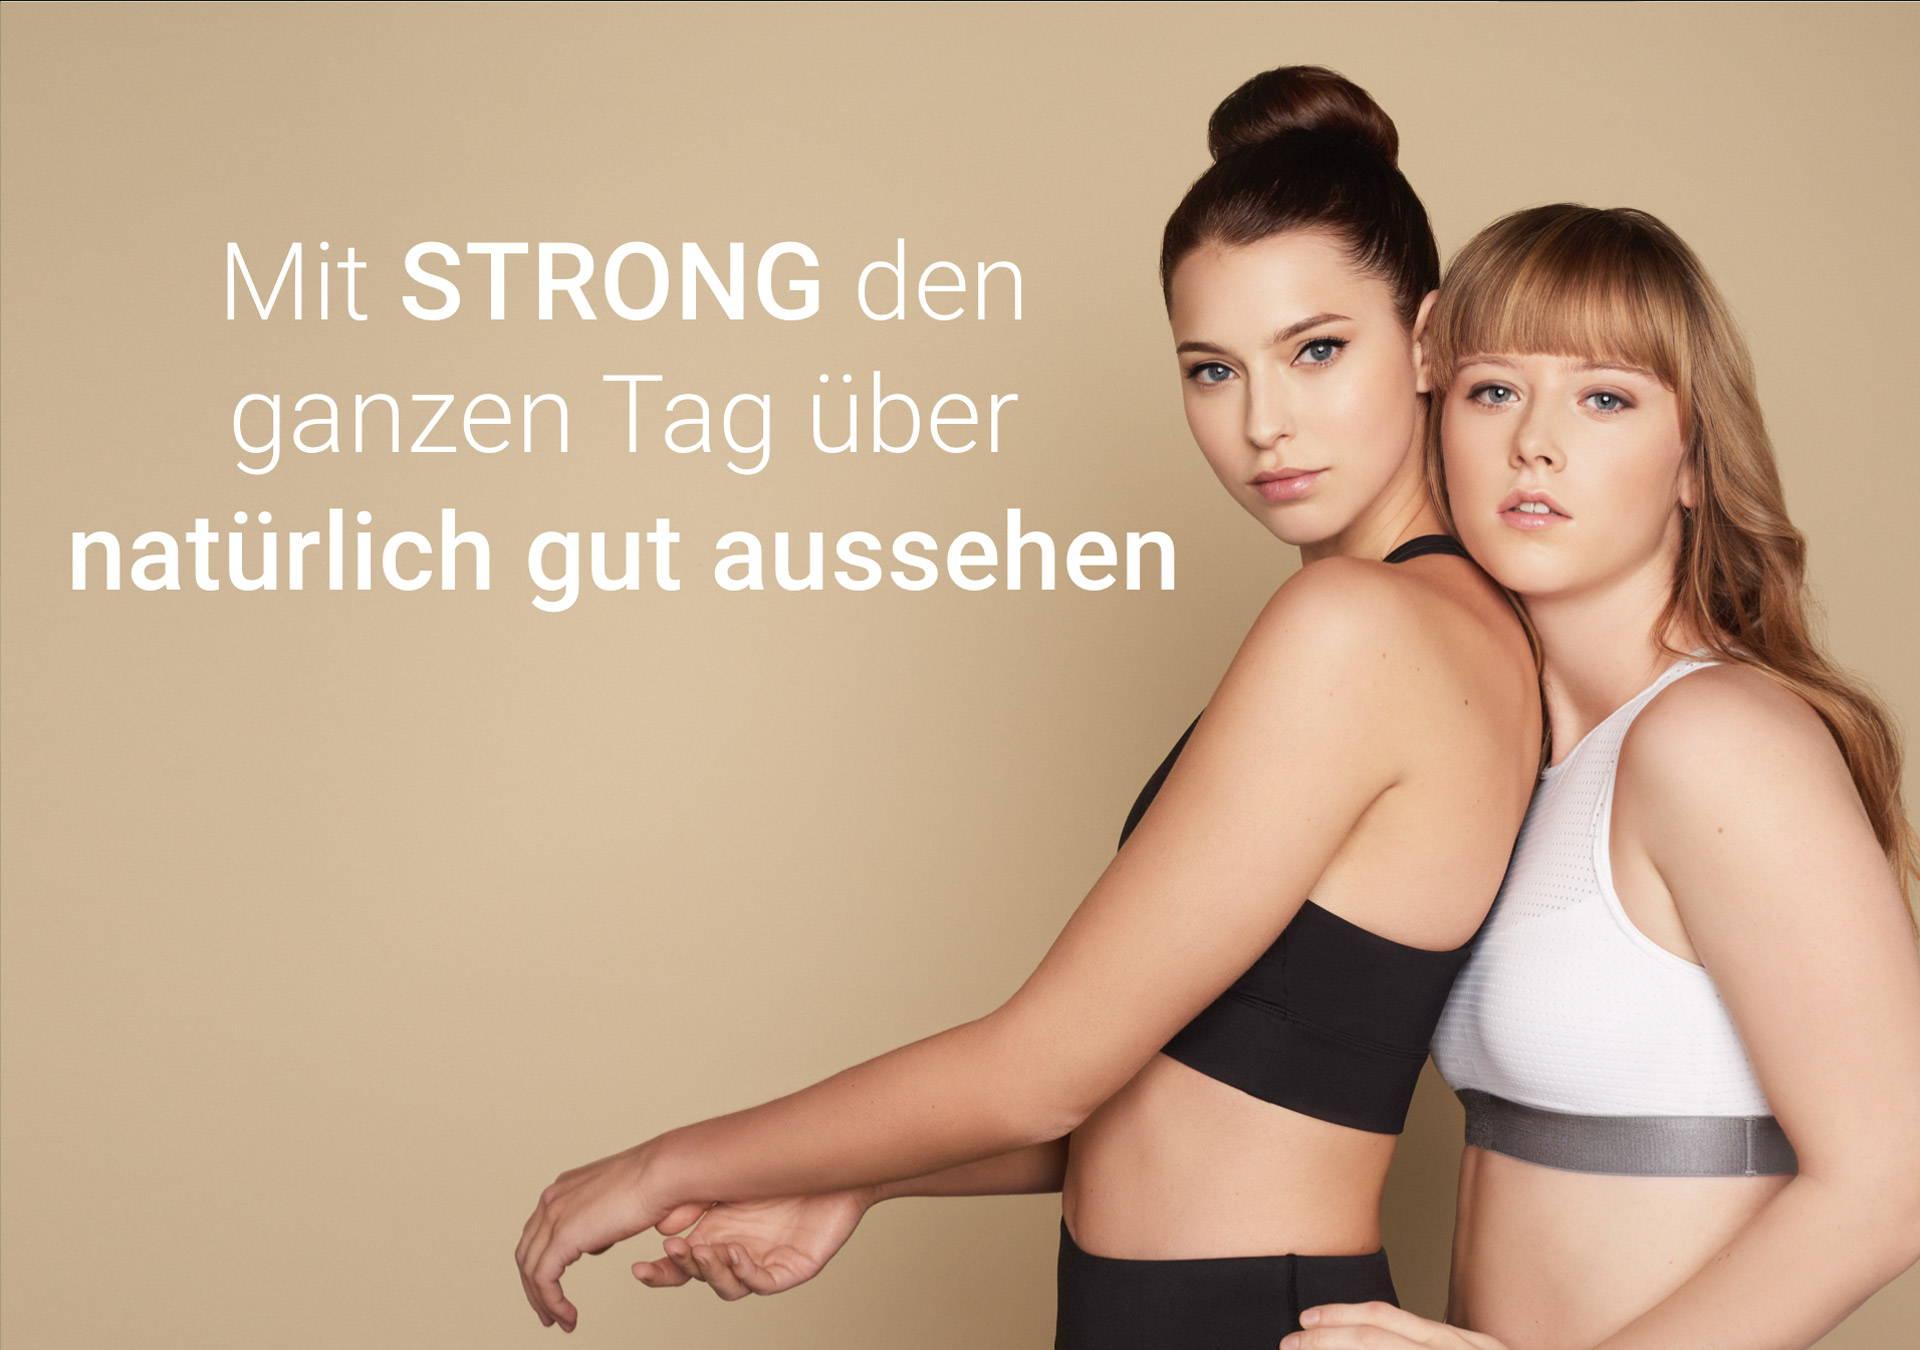 Eine Frau lehnt sich an die andere Frau, beide sind geschminkt und in Sportbekleidung